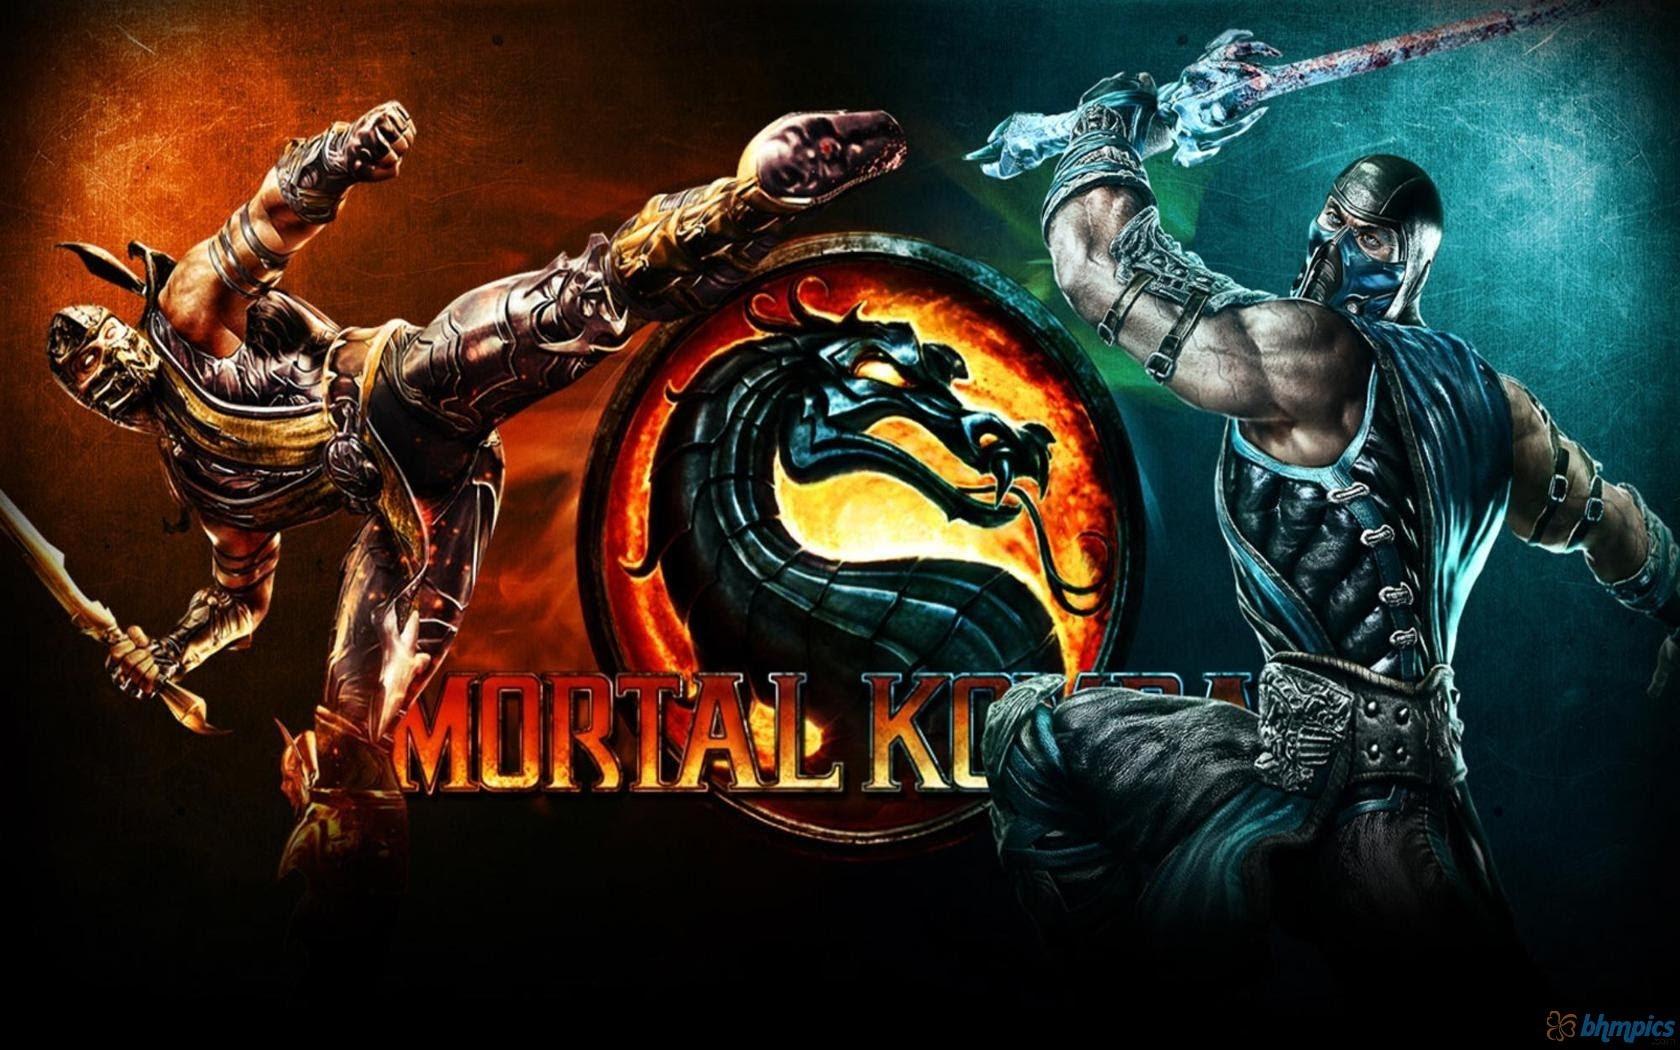 Mortal Kombat 9 Pelicula Completa Español